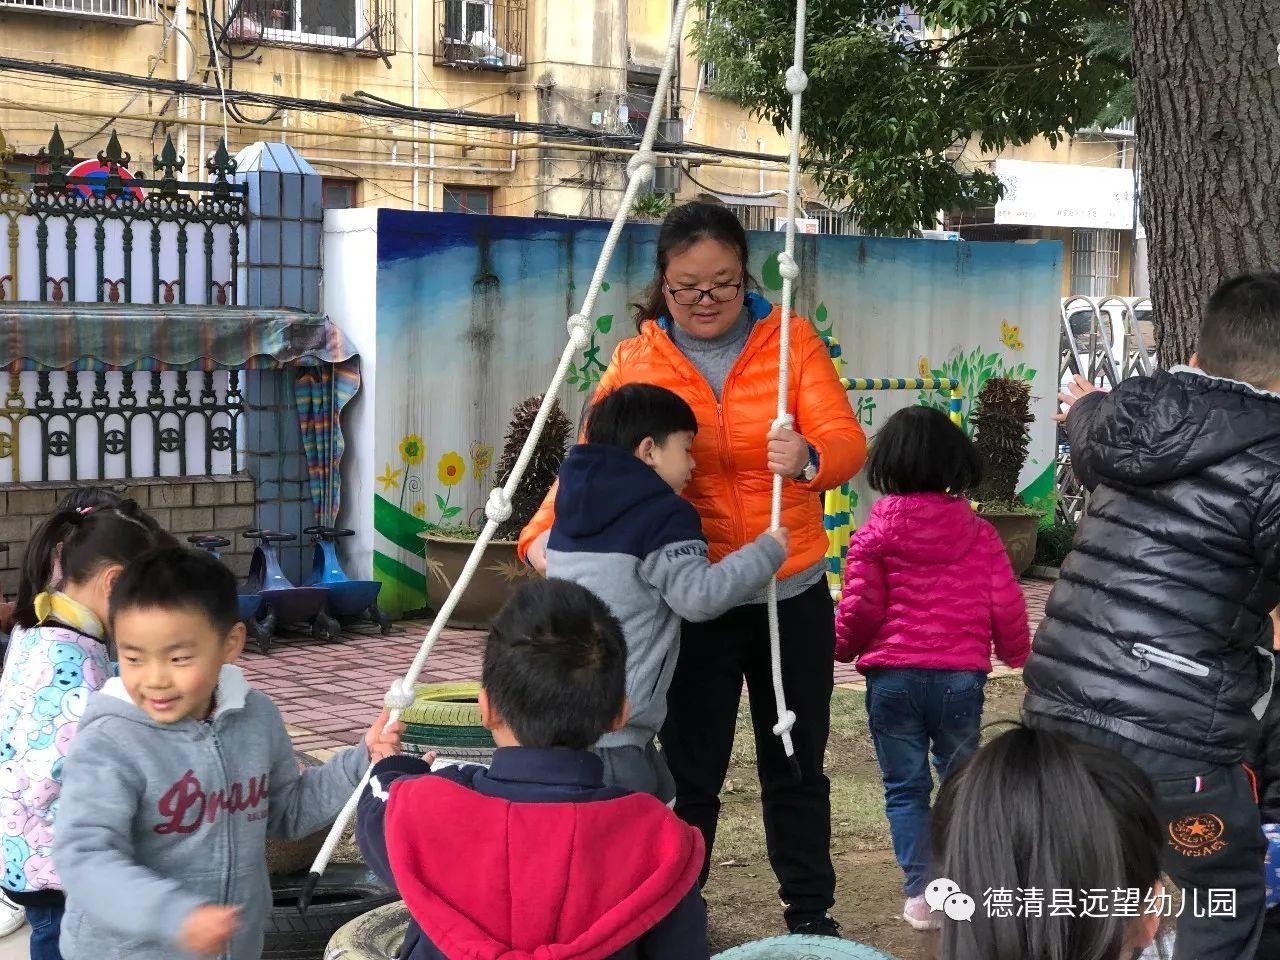 她吸引他們參加有趣的游戲,給他們折紙,在他們手上變小兔子.圖片